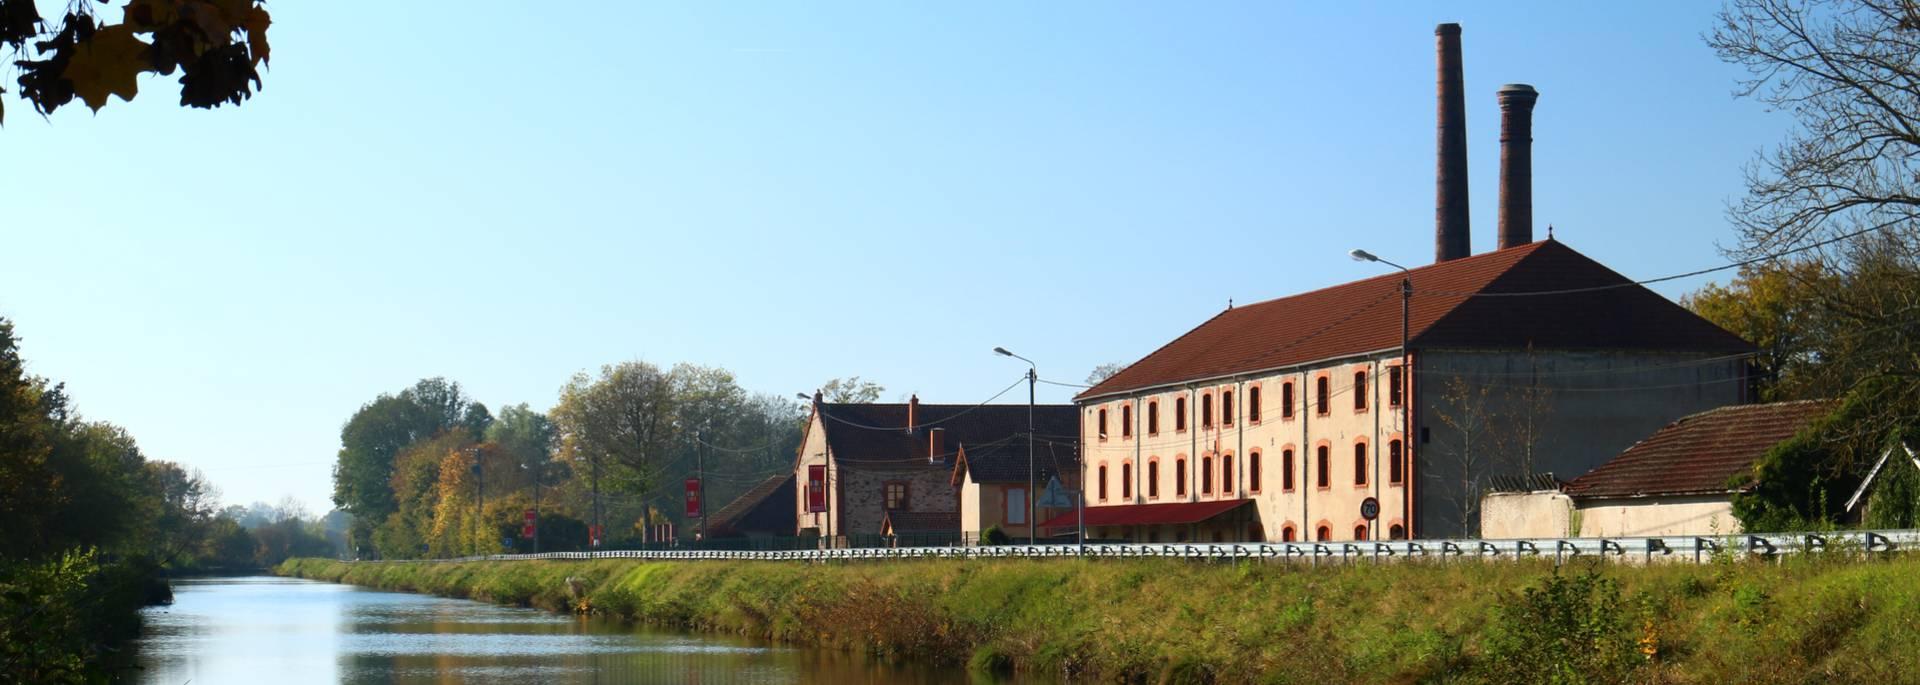 La Briqueterie le long du canal du Centre, Ciry-le-Noble. © Cyrille Dinant.